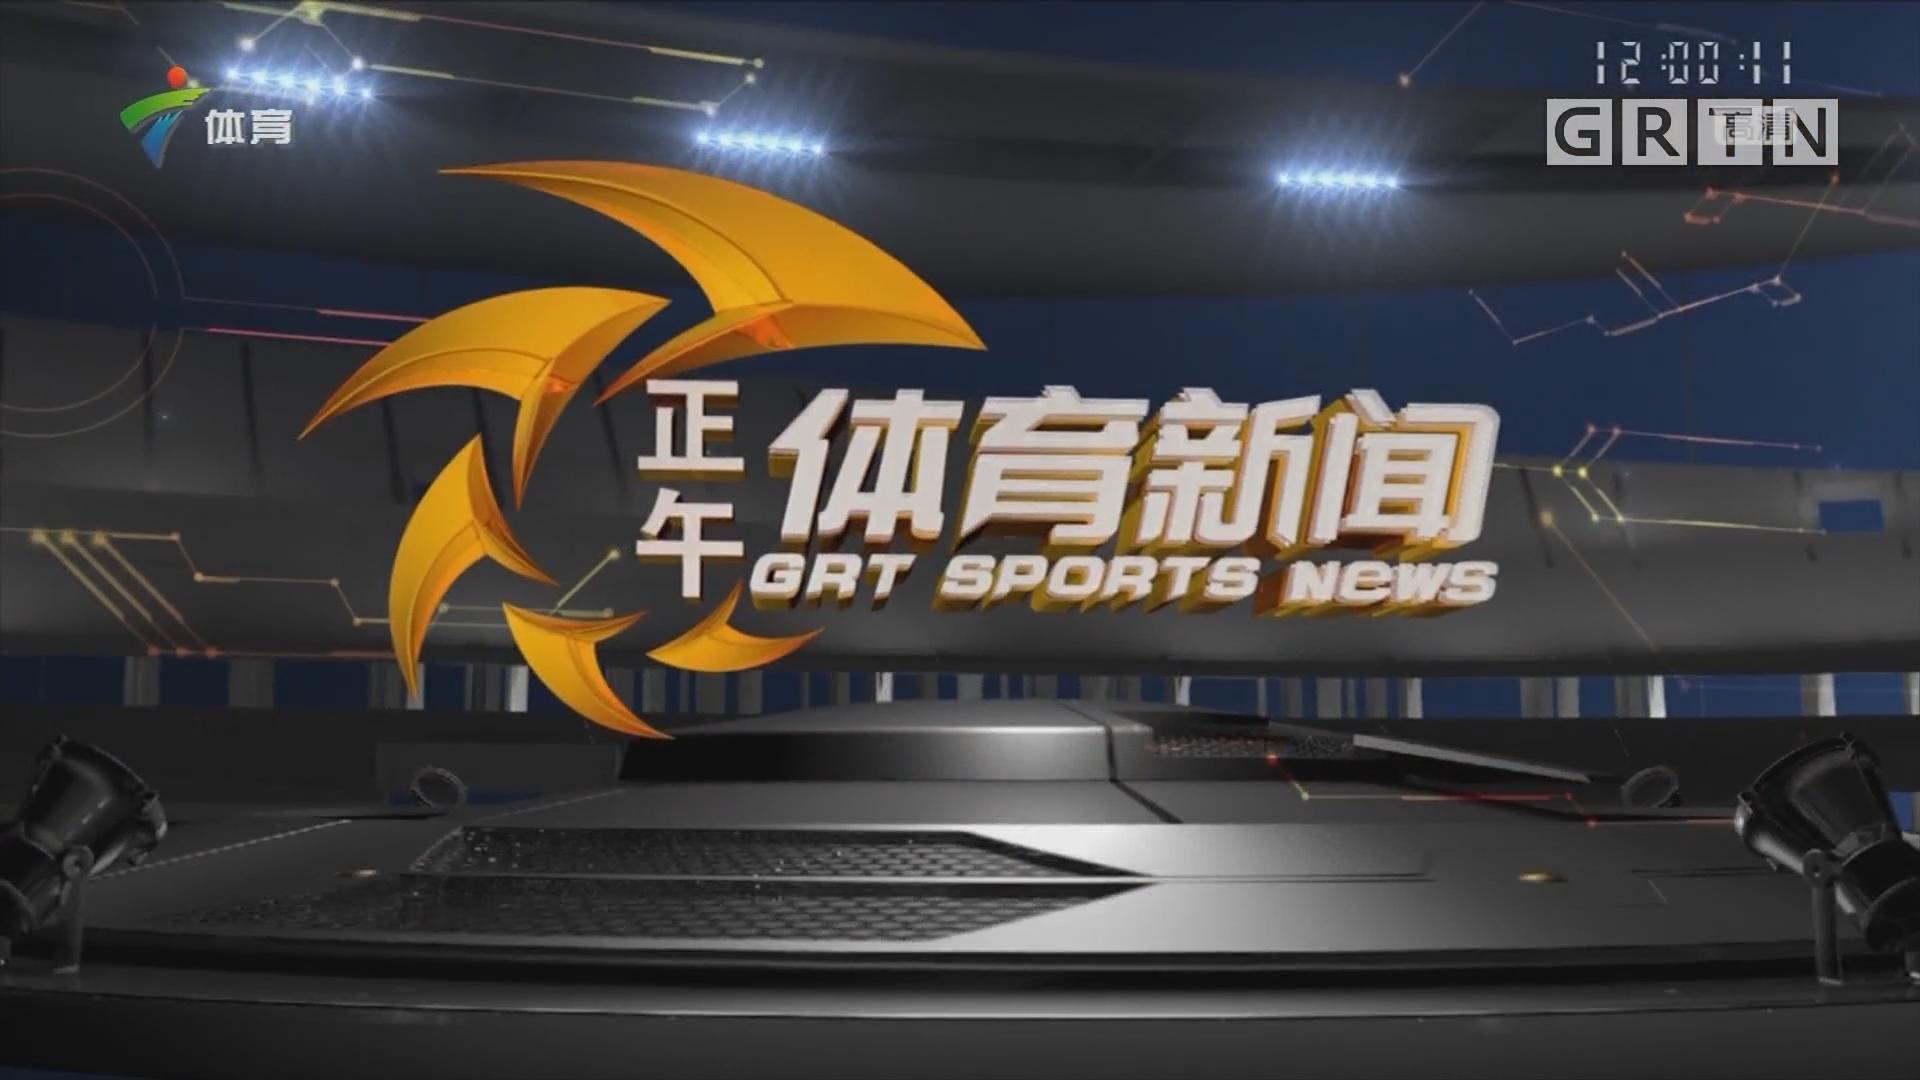 """[HD][2018-11-09]正午体育新闻:广东东莞银行赢下""""广东德比"""" 收获新赛季九连胜"""